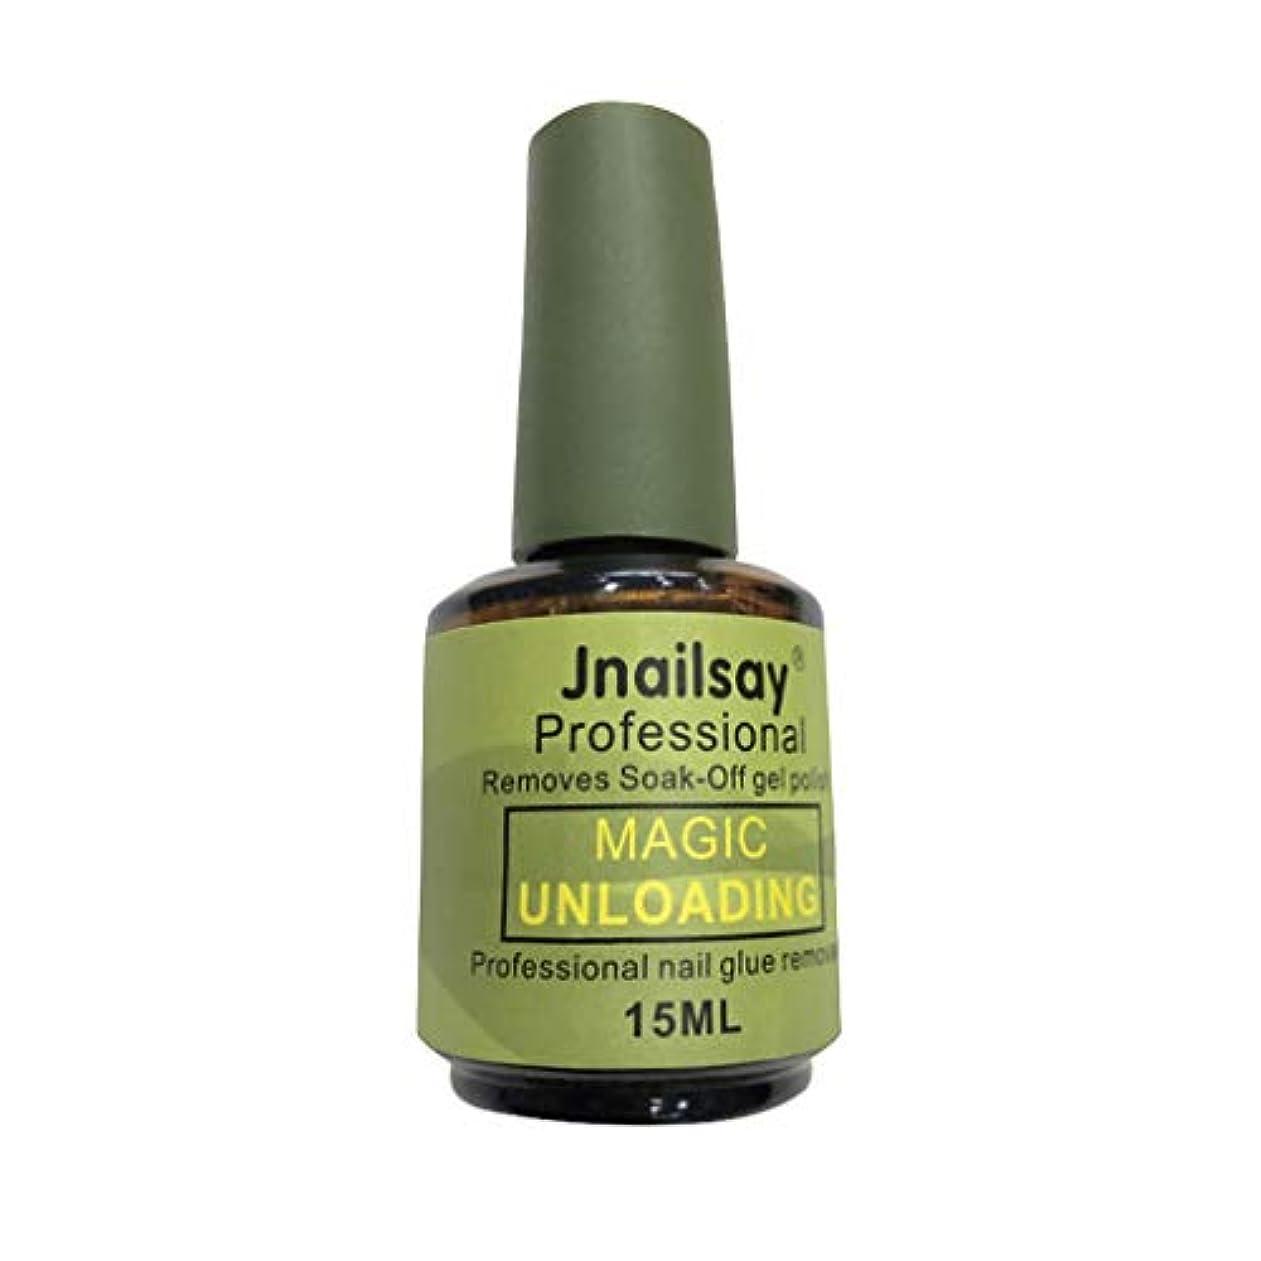 故国暴動ルーネイル用品 Jnailsay 15ml速い破裂の装甲接着剤1分の荷を下す操作は釘を傷つけないで簡単で便利です (多色)